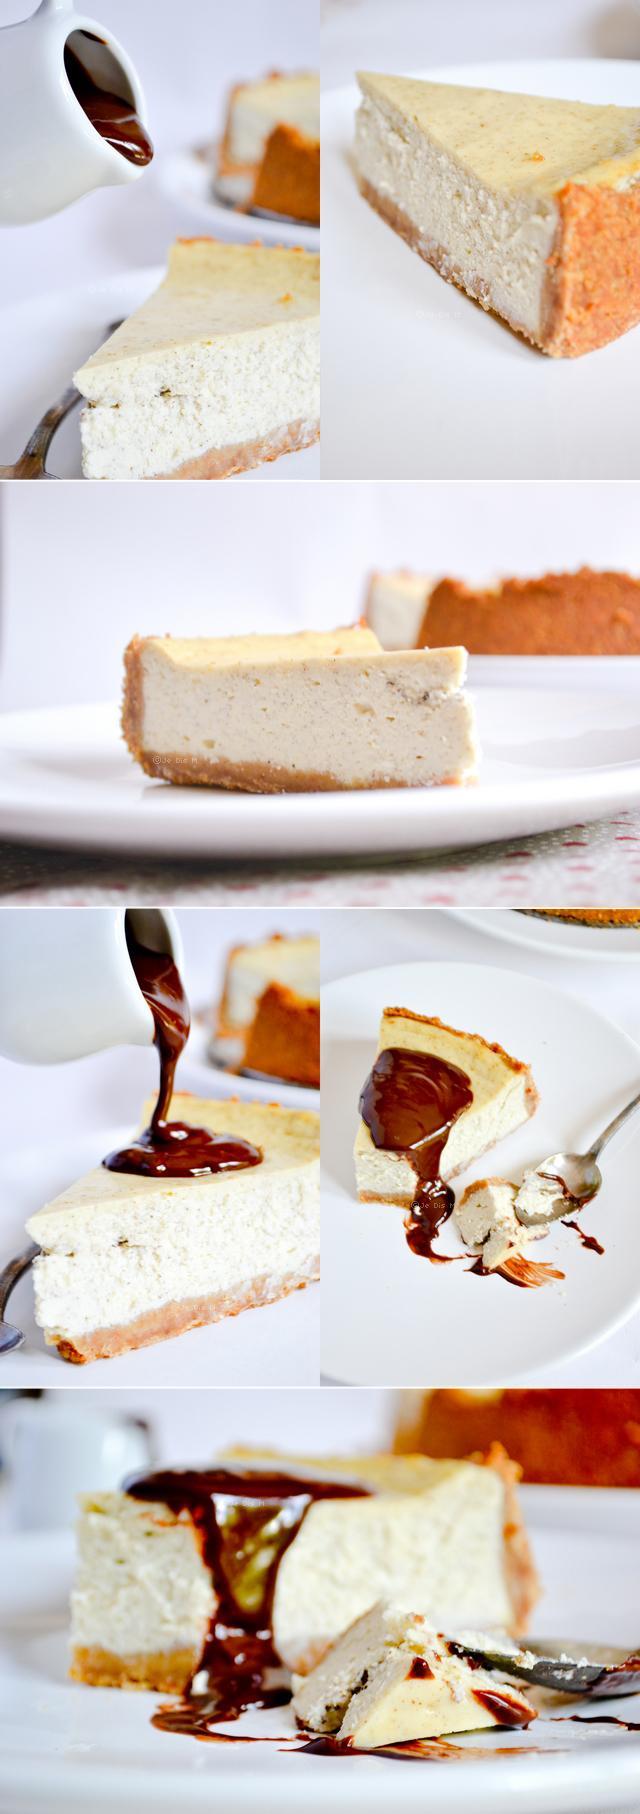 New York Cheesecake et sauce chocolat